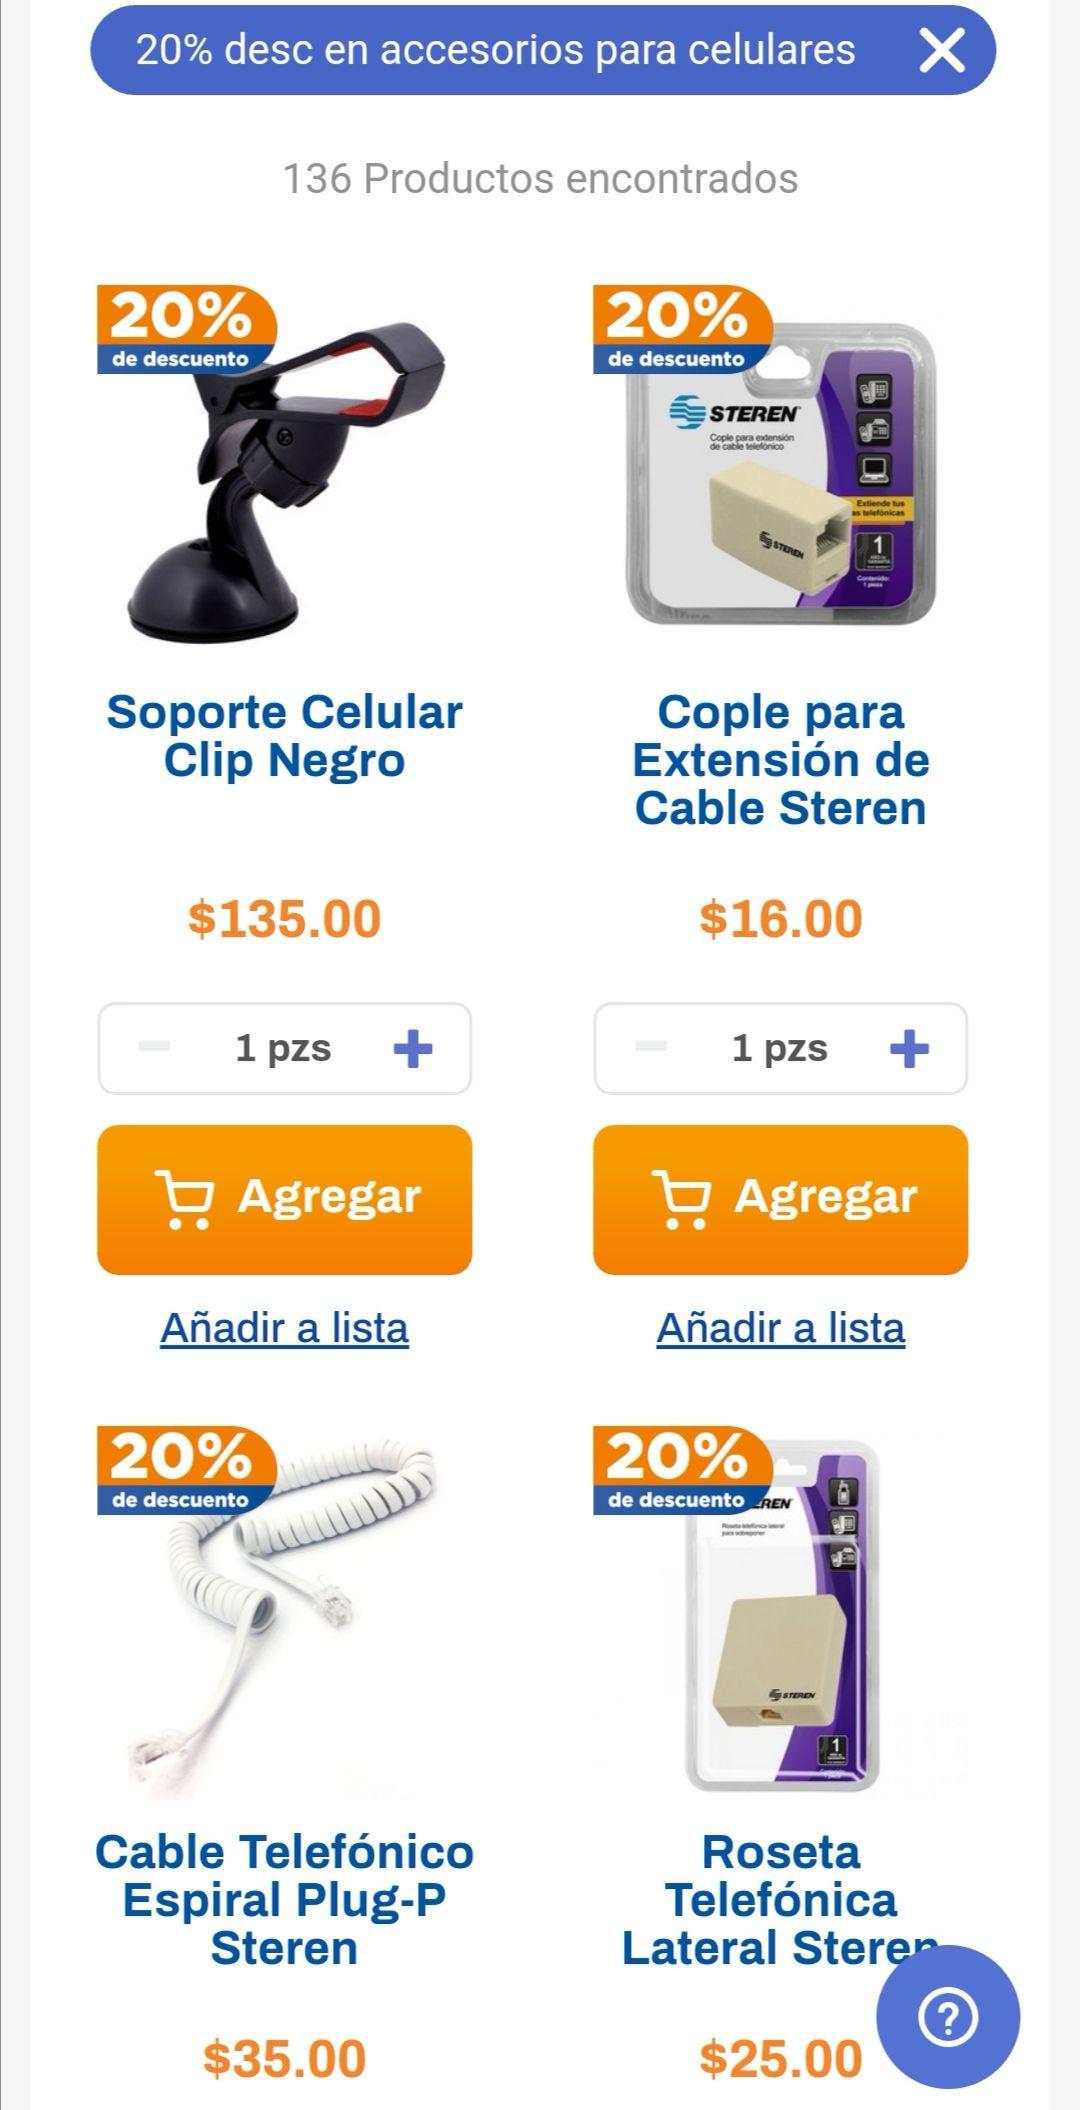 Chedraui: 20% de descuento en accesorios de telefonía celular y fija